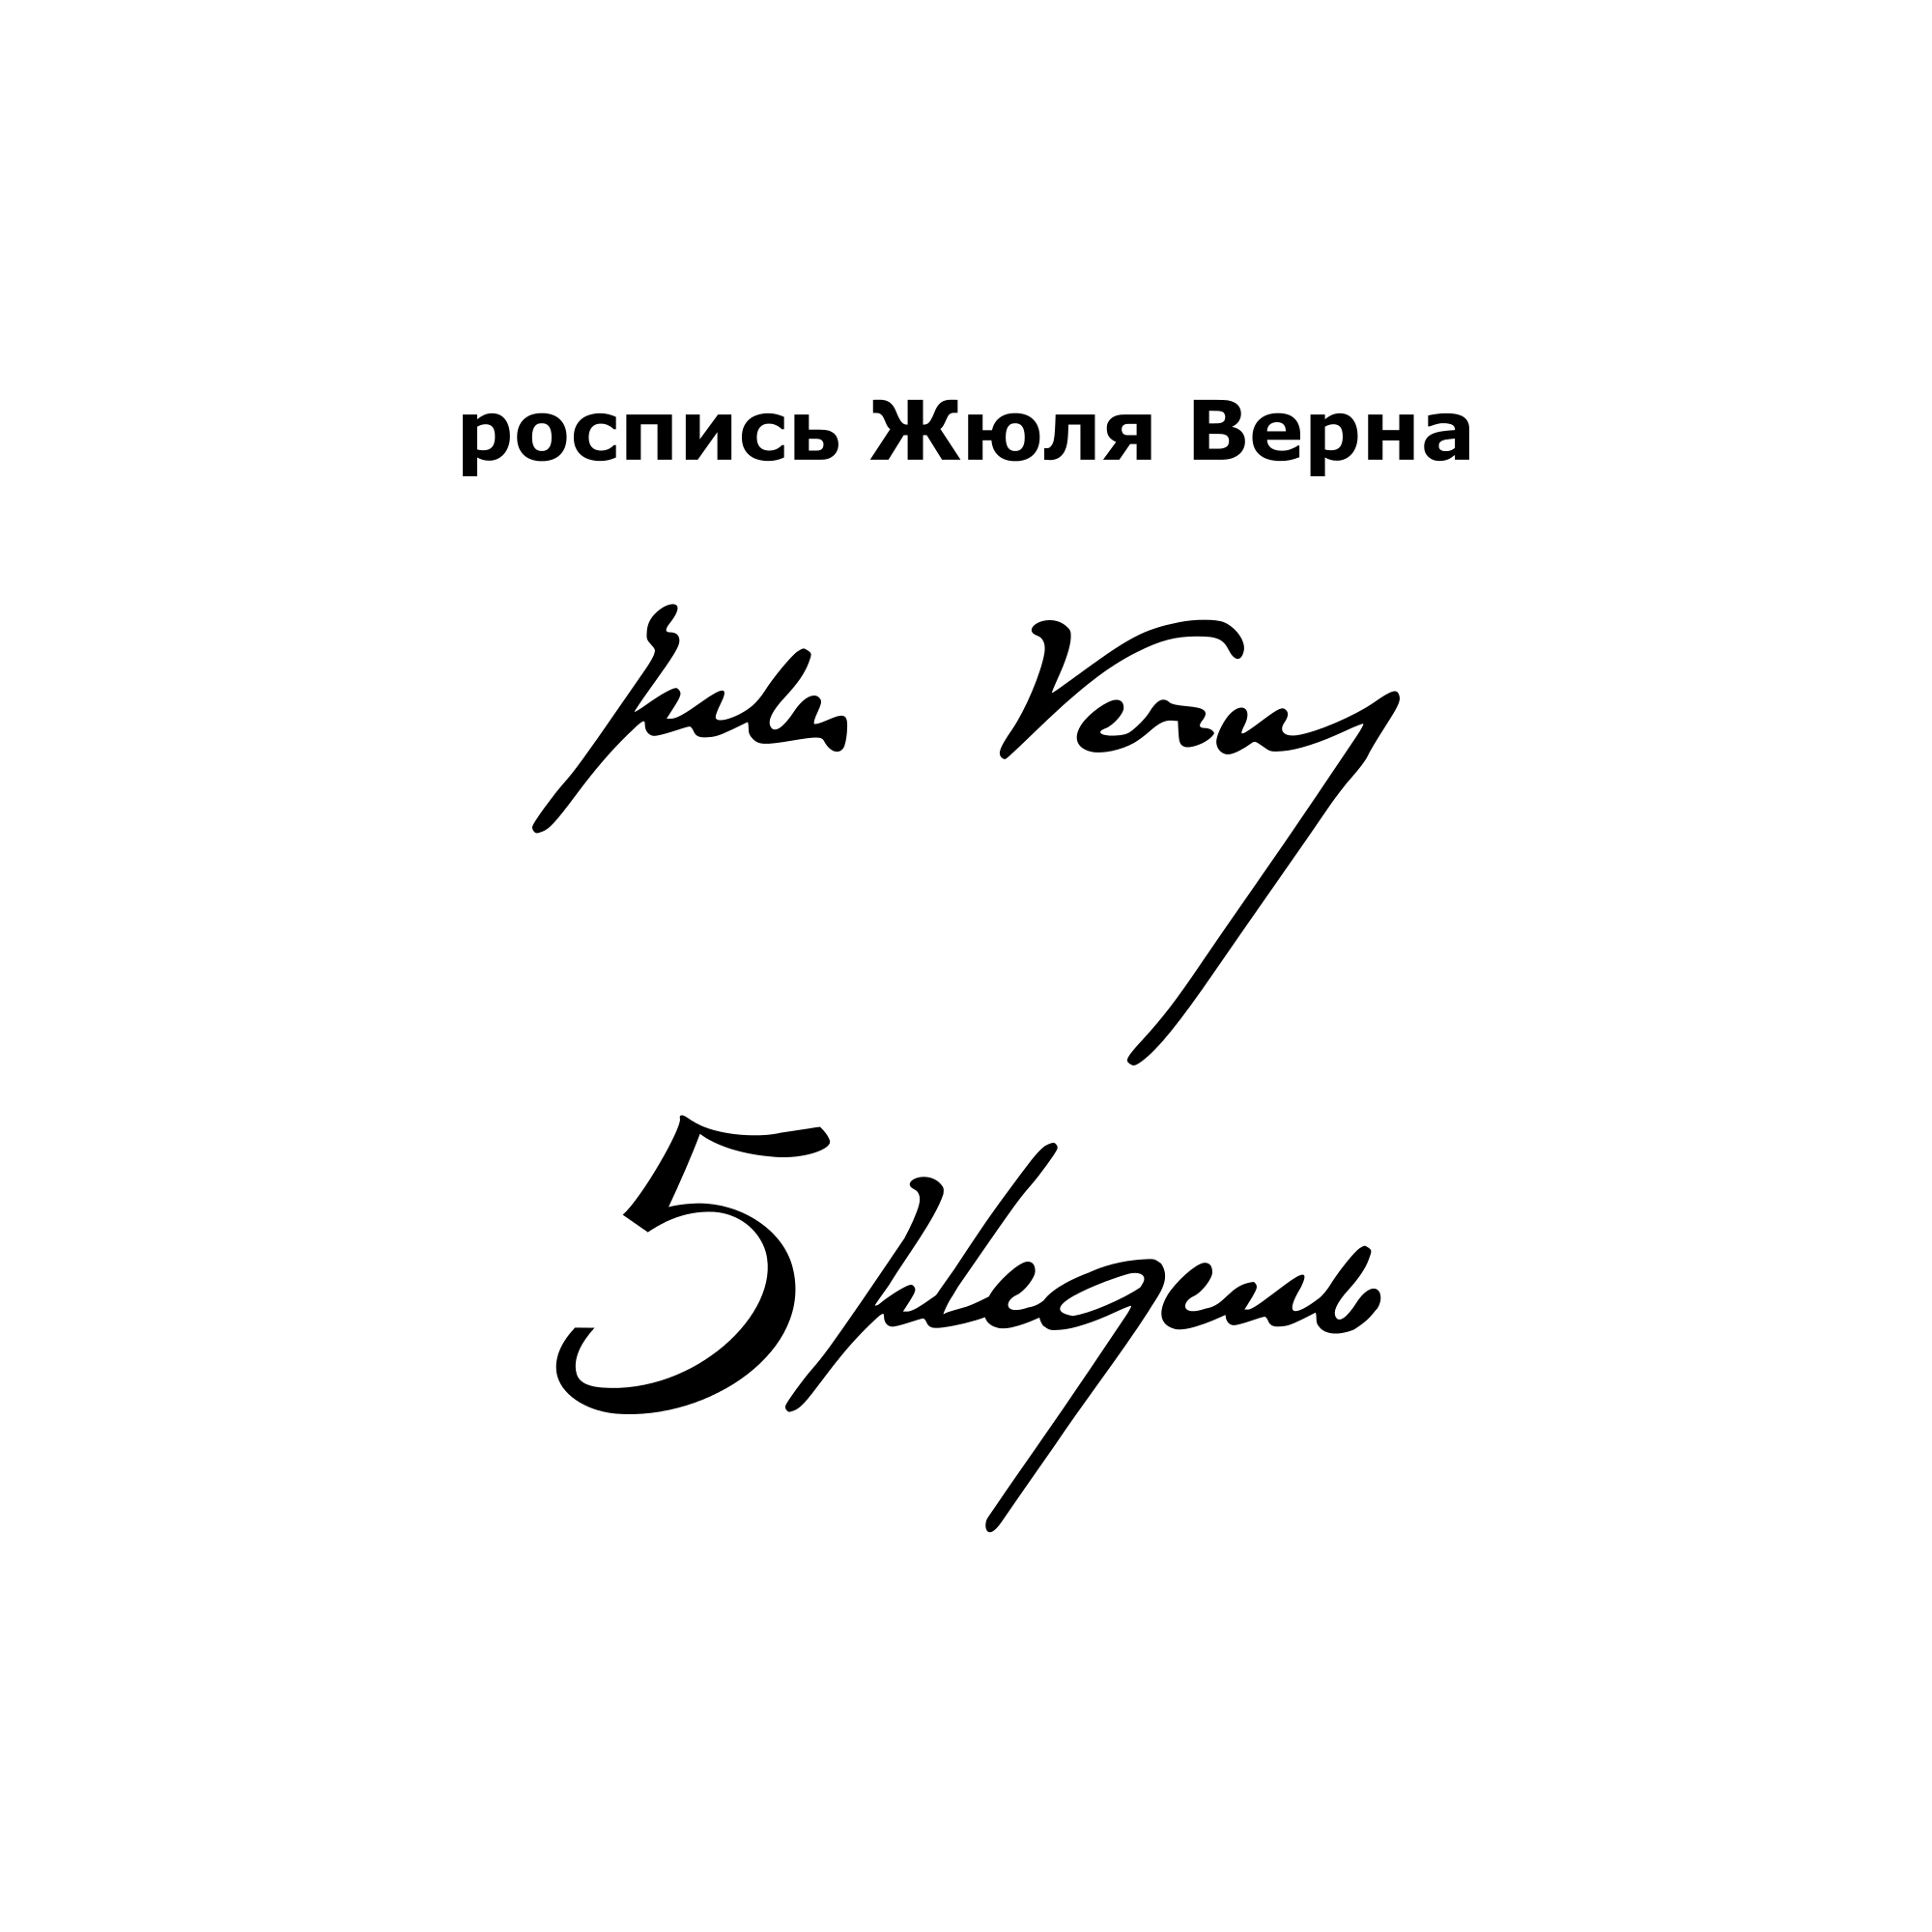 Логотип для кафе фото f_24059aeedca288ce.png